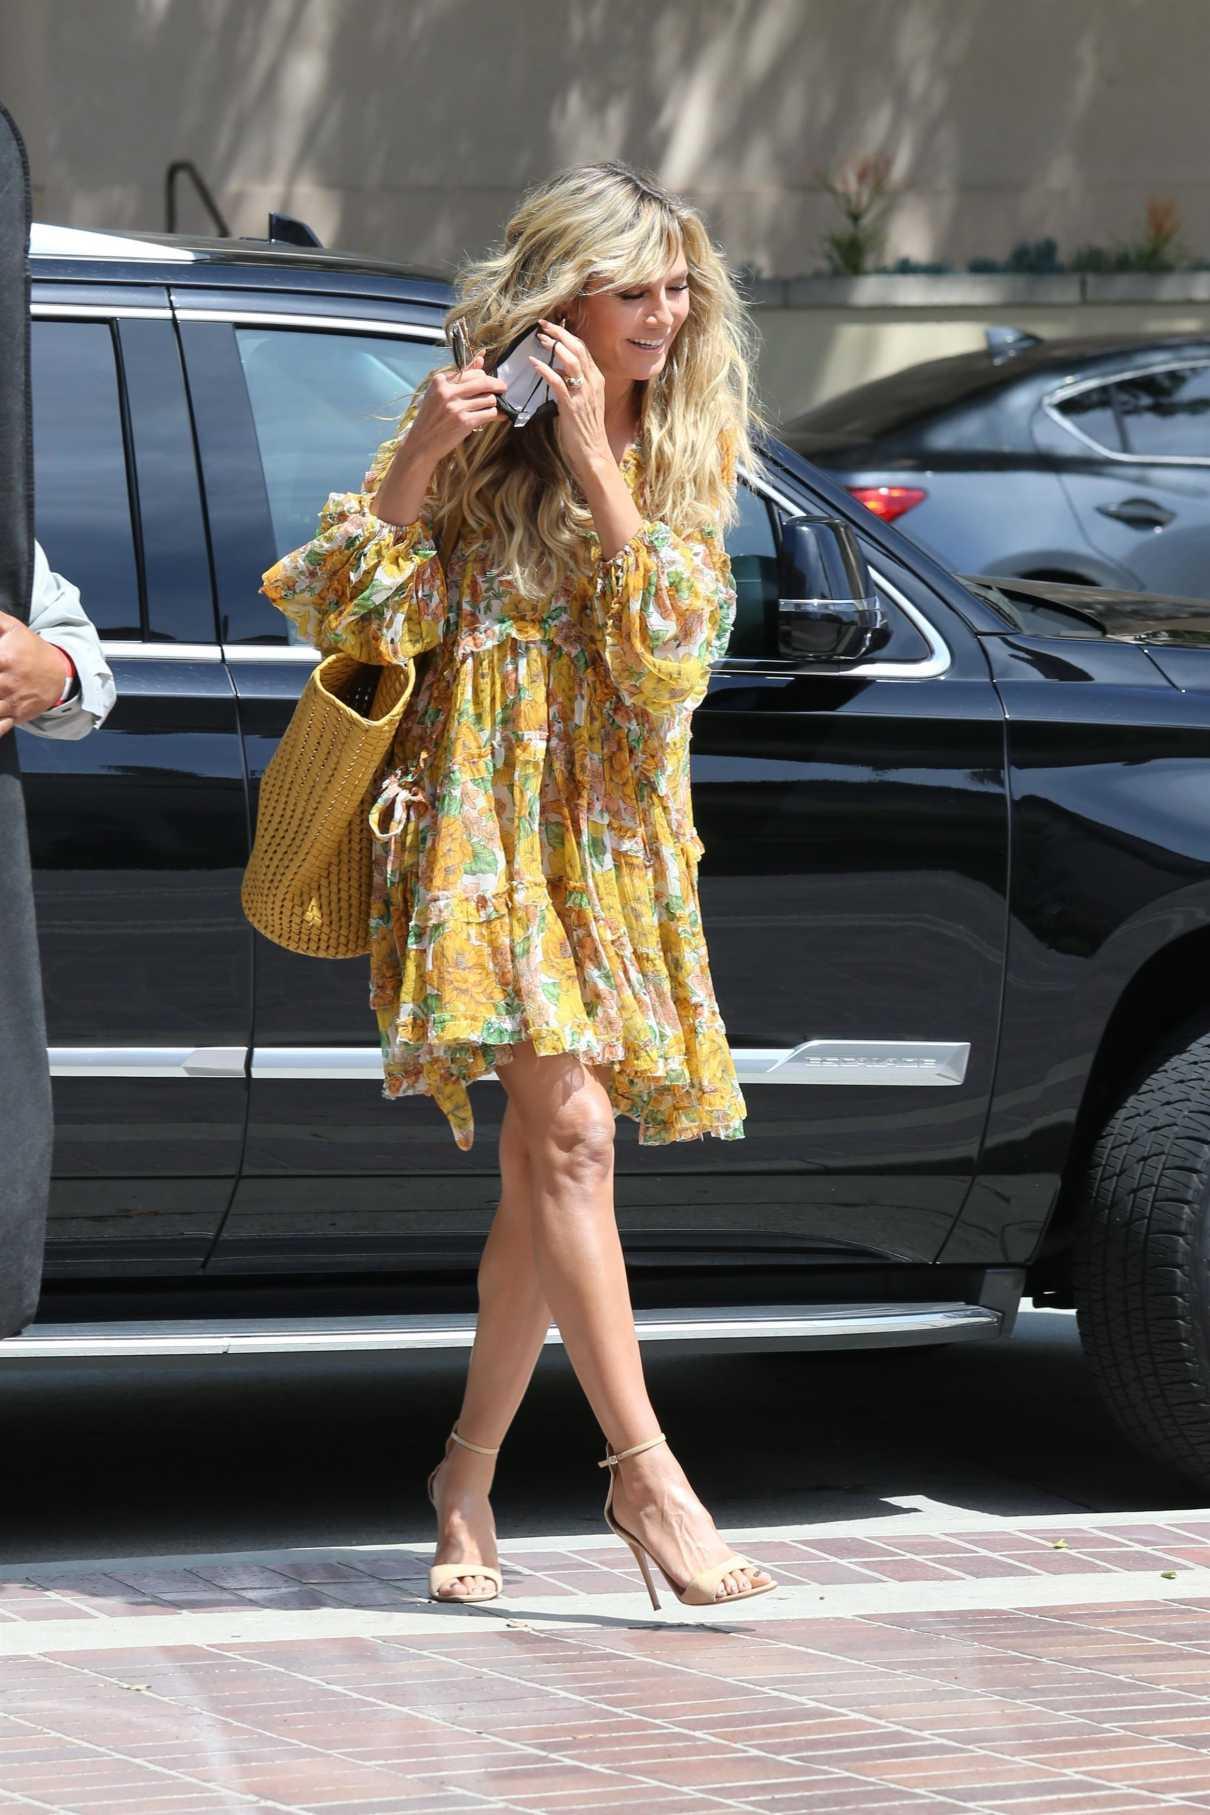 Heidi Klum in a Yellow Floral Dress